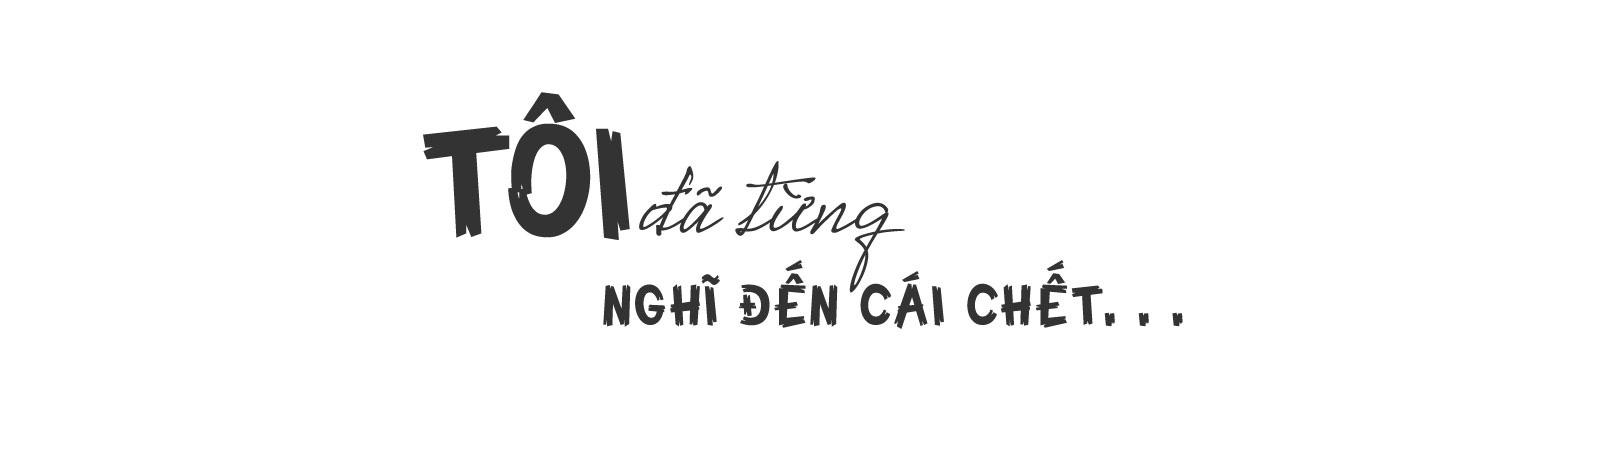 """[eMagazine] Bí mật của Hoàng Tuấn Anh - ông chủ """"ATM gạo"""" từ thiện đình đám - Ảnh 3."""